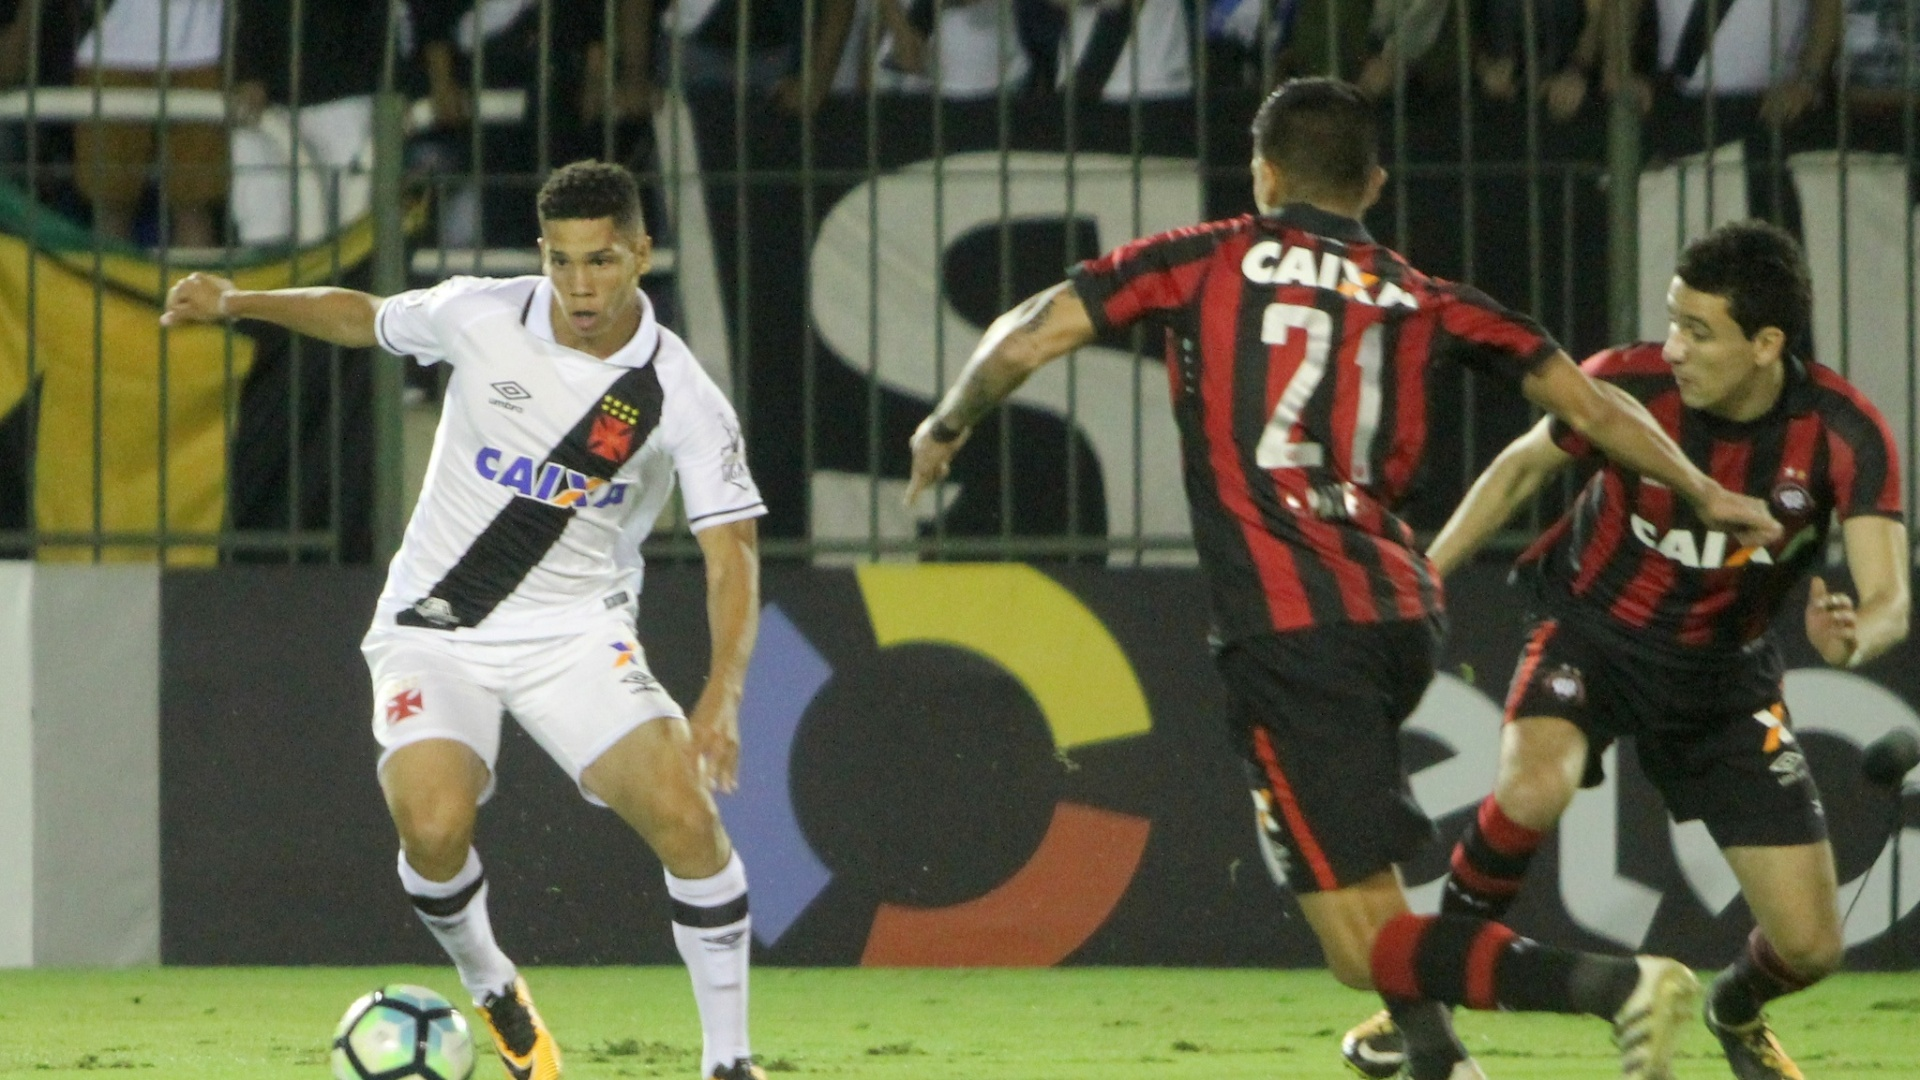 Atacante Paulinho, de 17 anos, é marcado por jogadores do Atlético-PR